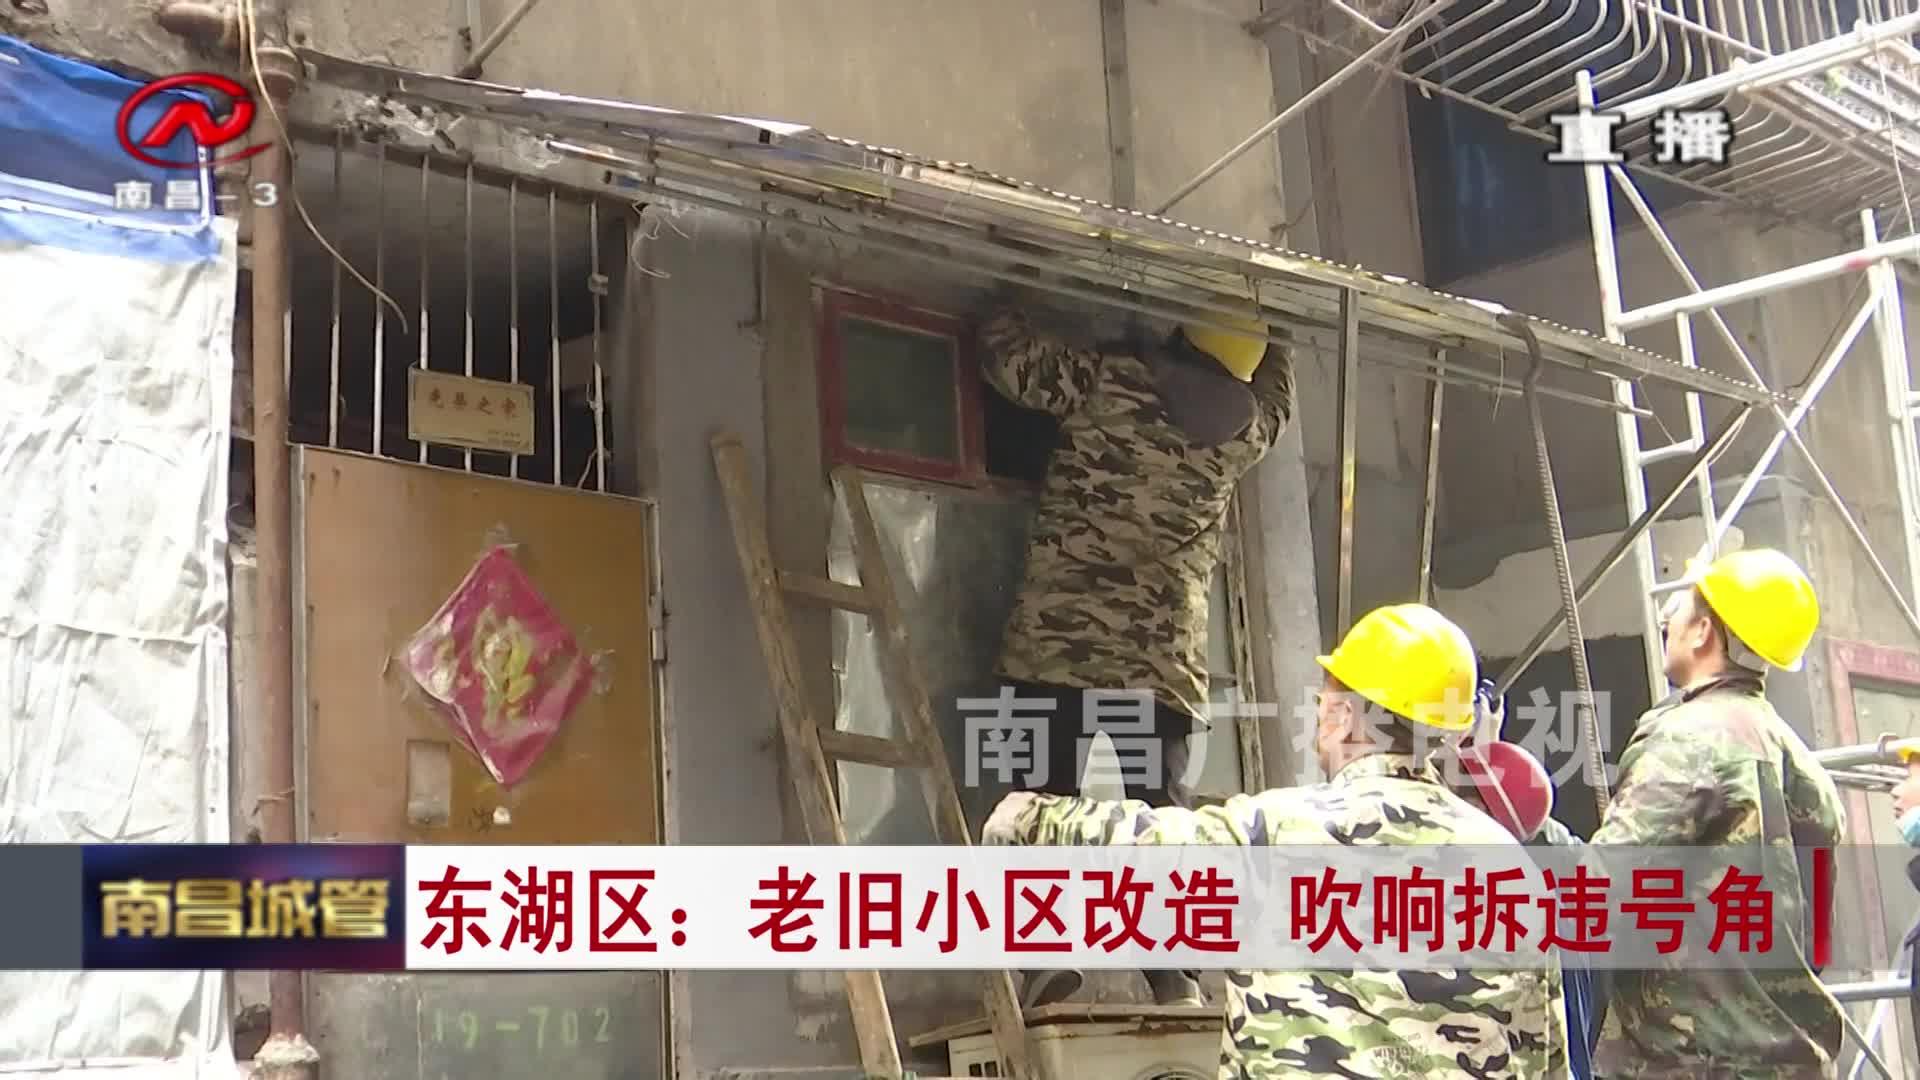 【城管新聞】東湖區:老舊小區改造 吹響拆違號角